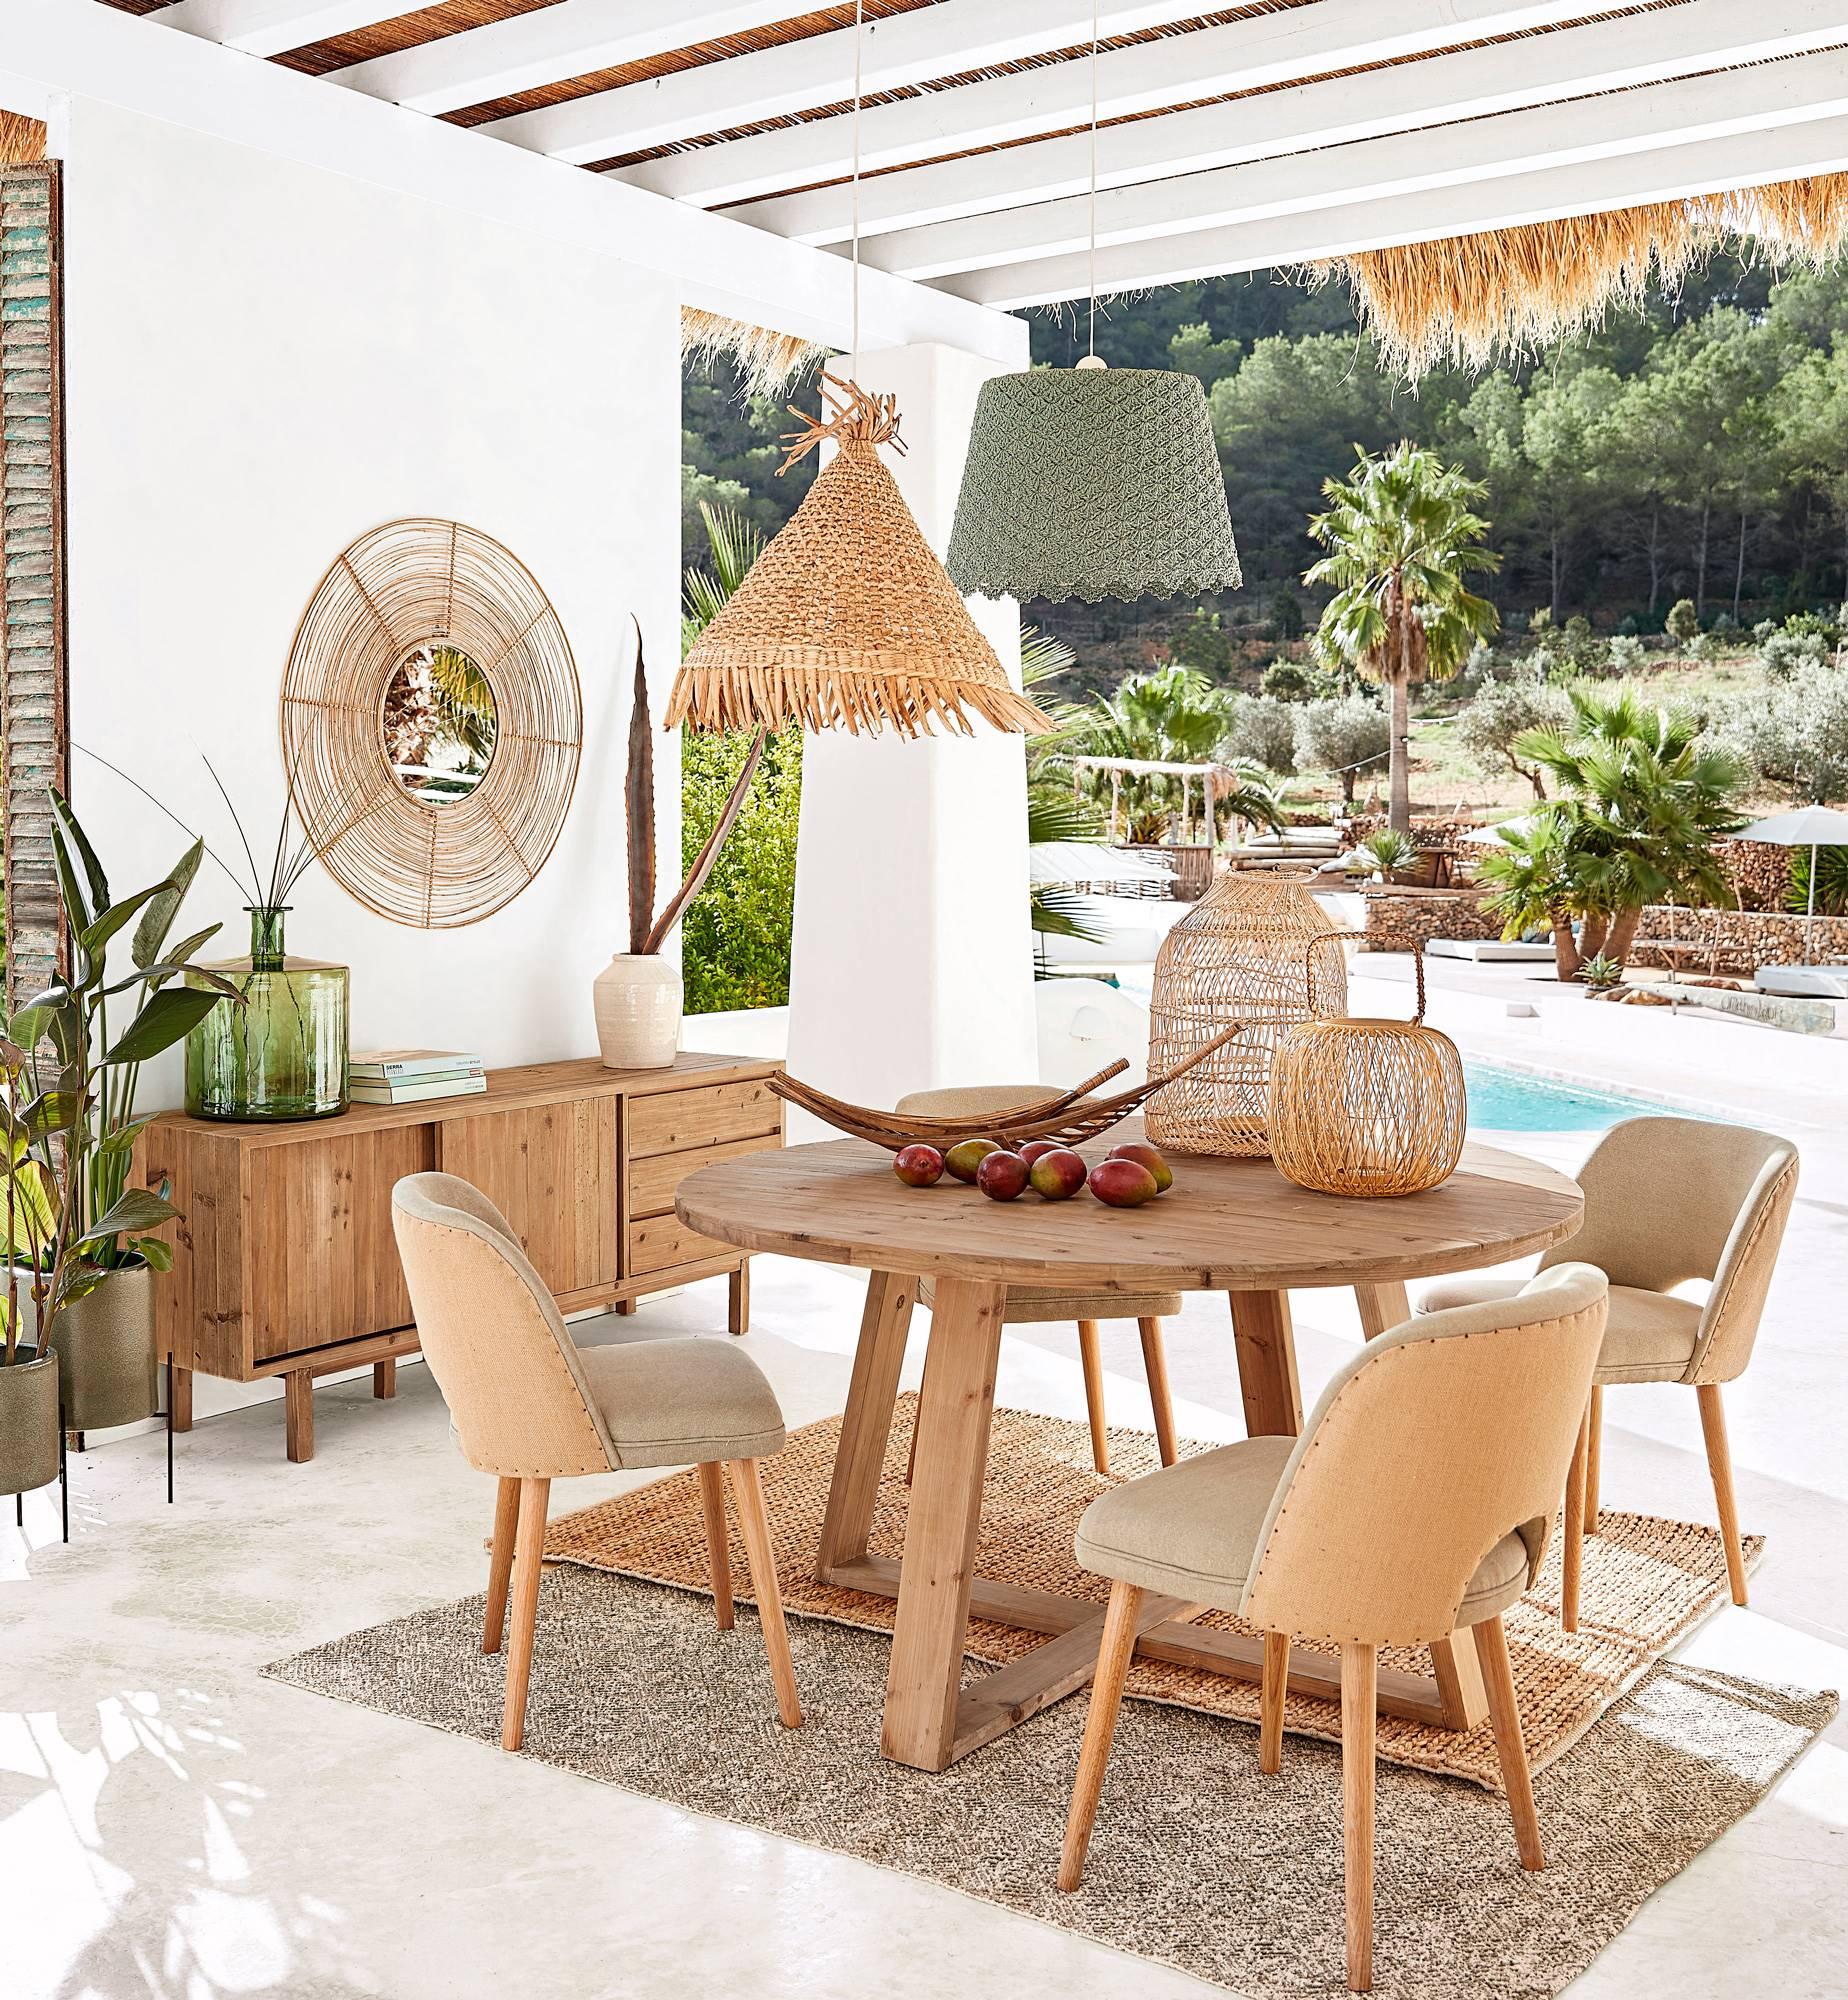 Muebles Para La Primavera Verano De Maisons Du Monde serapportantà Salon De Jardin Maison Du Monde